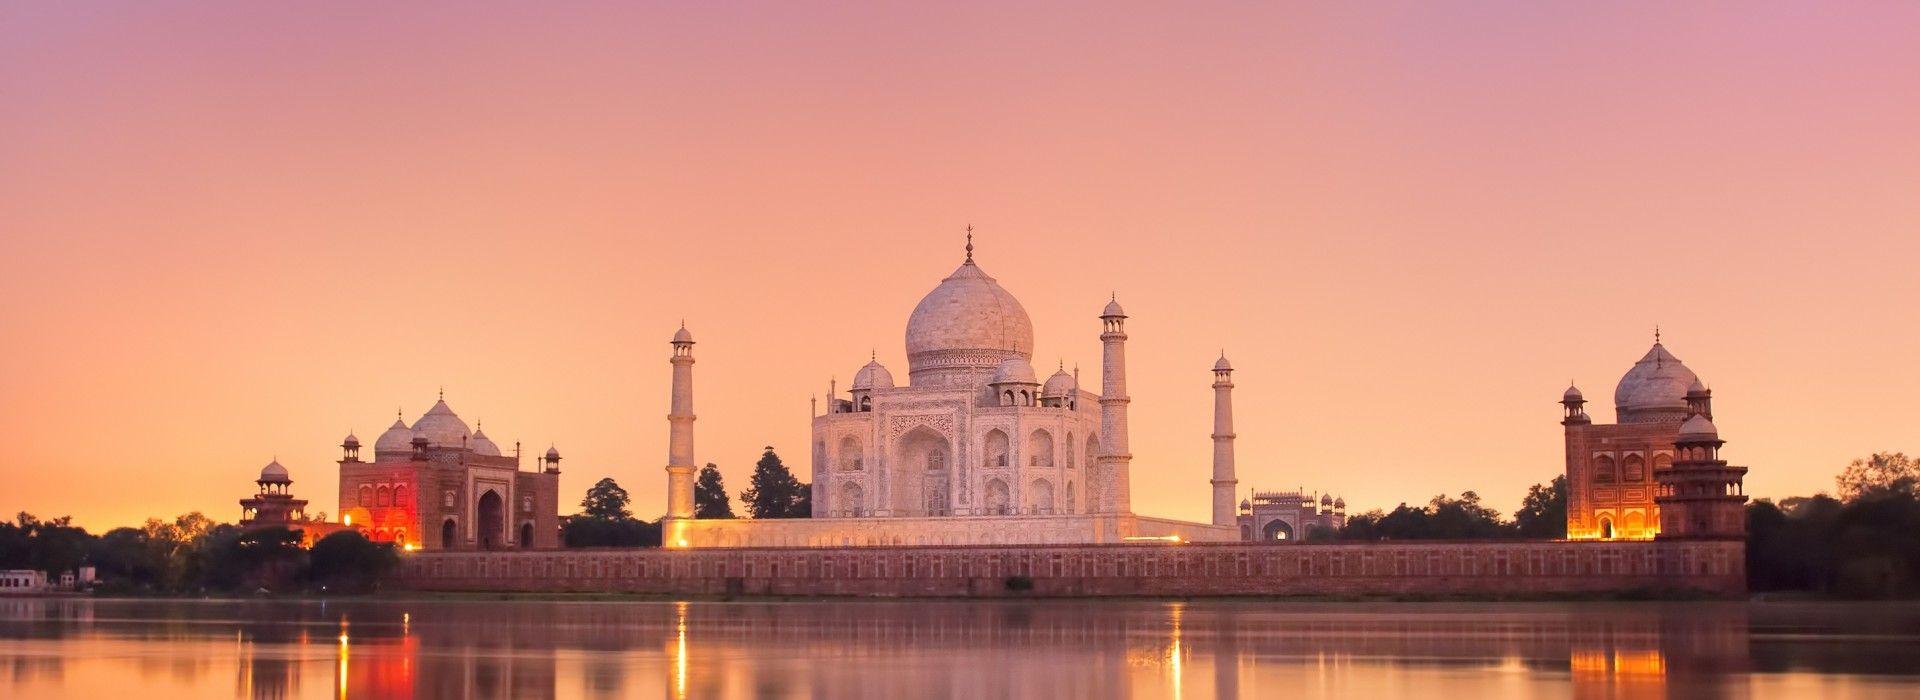 Train tours in Delhi & Golden Triangle